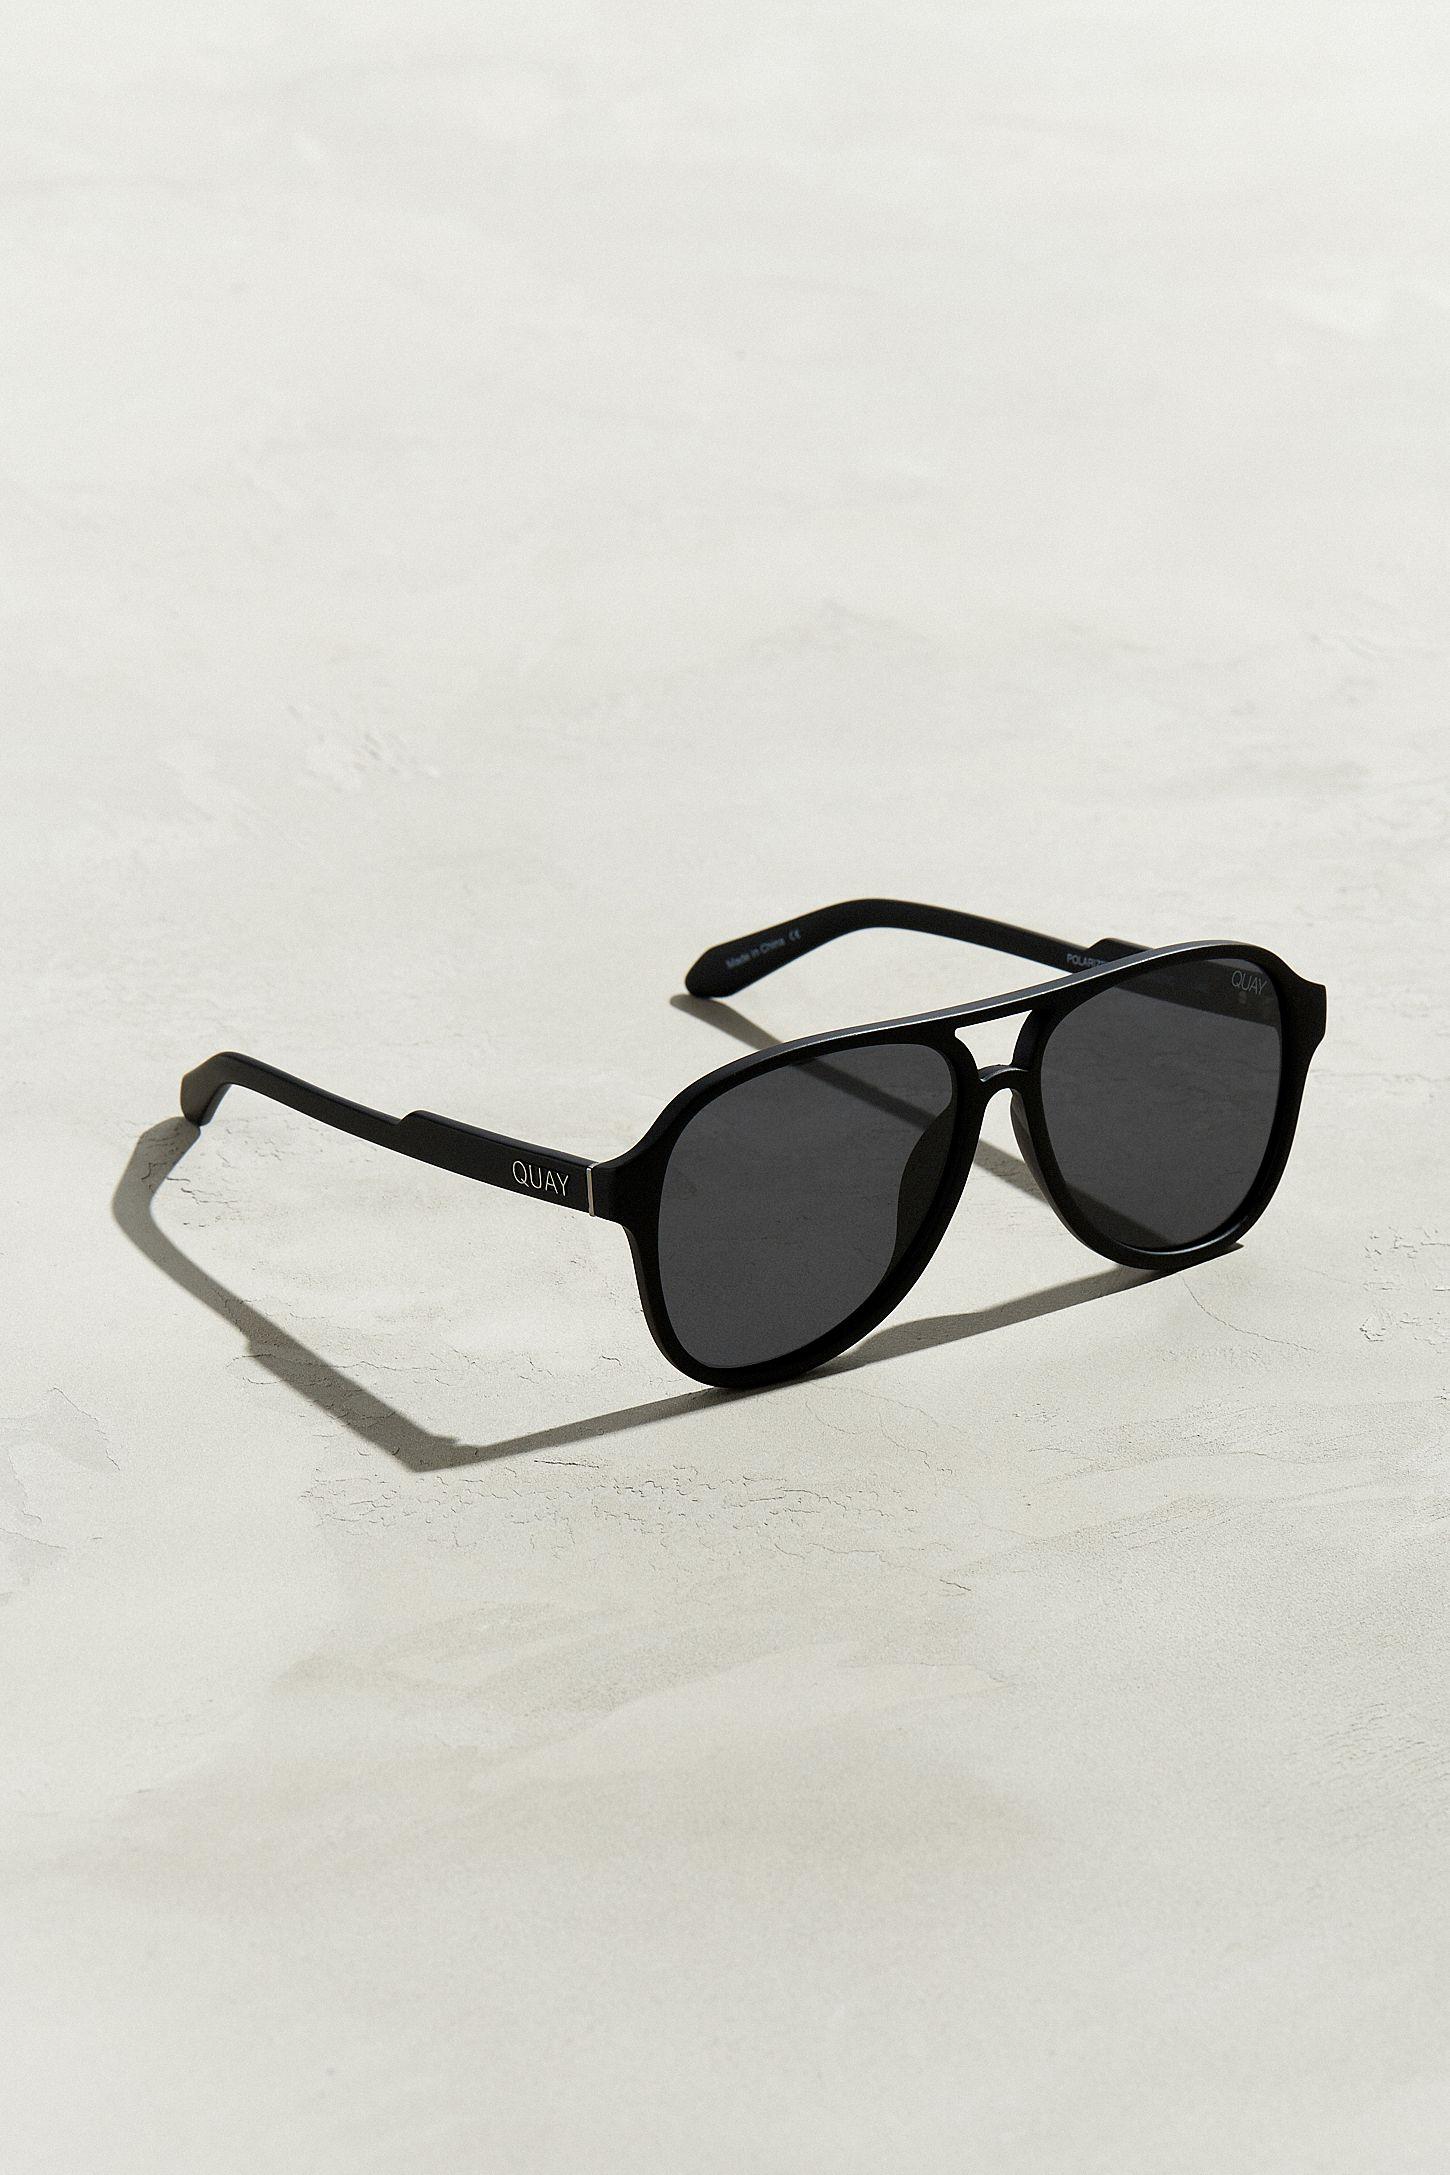 73575ec4f1dbc Quay Magnetic Sunglasses